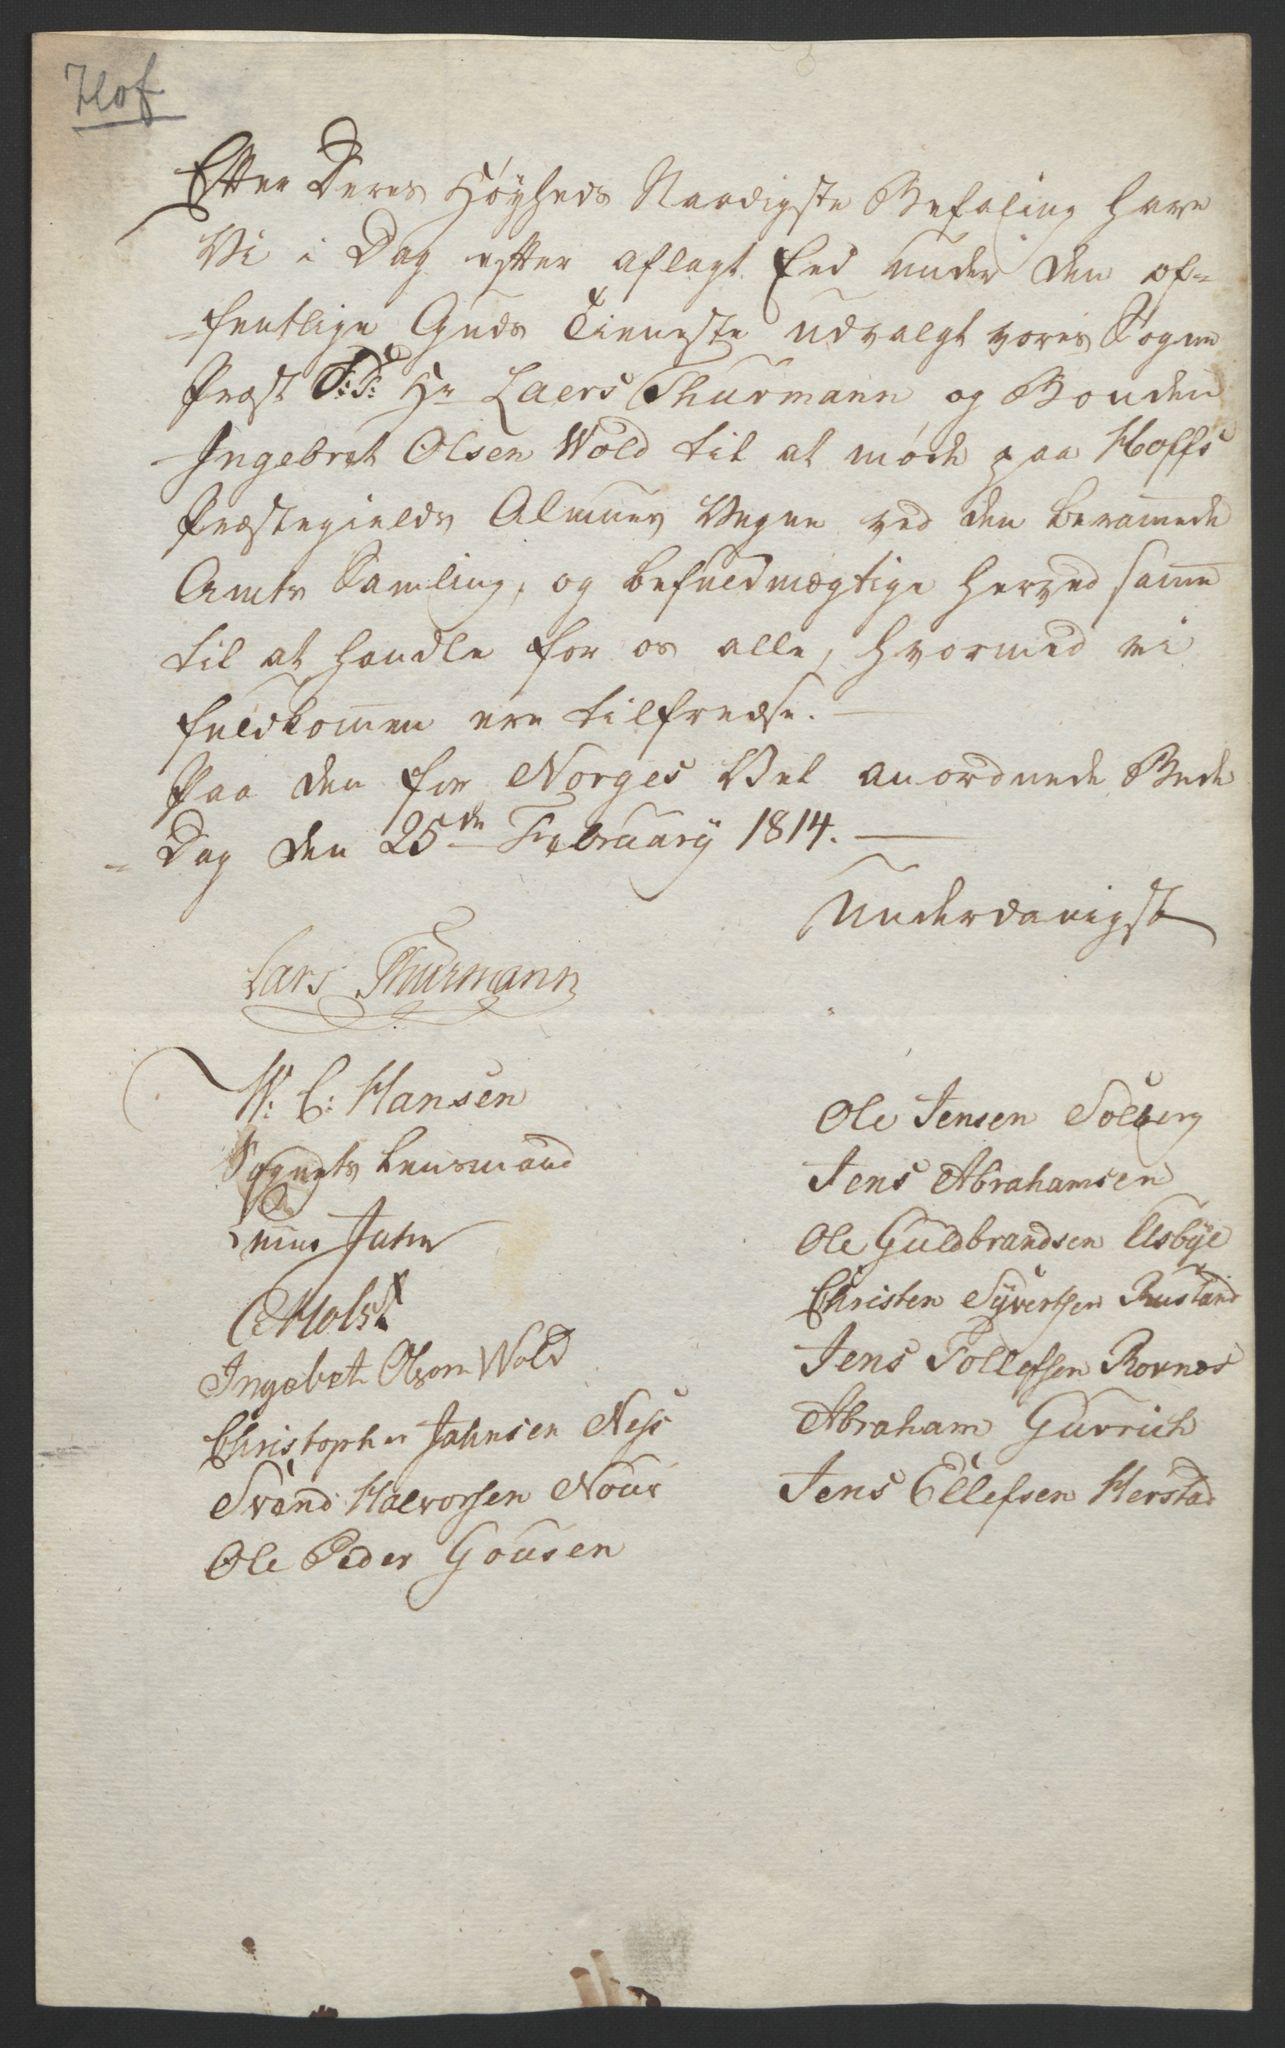 RA, Statsrådssekretariatet, D/Db/L0008: Fullmakter for Eidsvollsrepresentantene i 1814. , 1814, s. 9